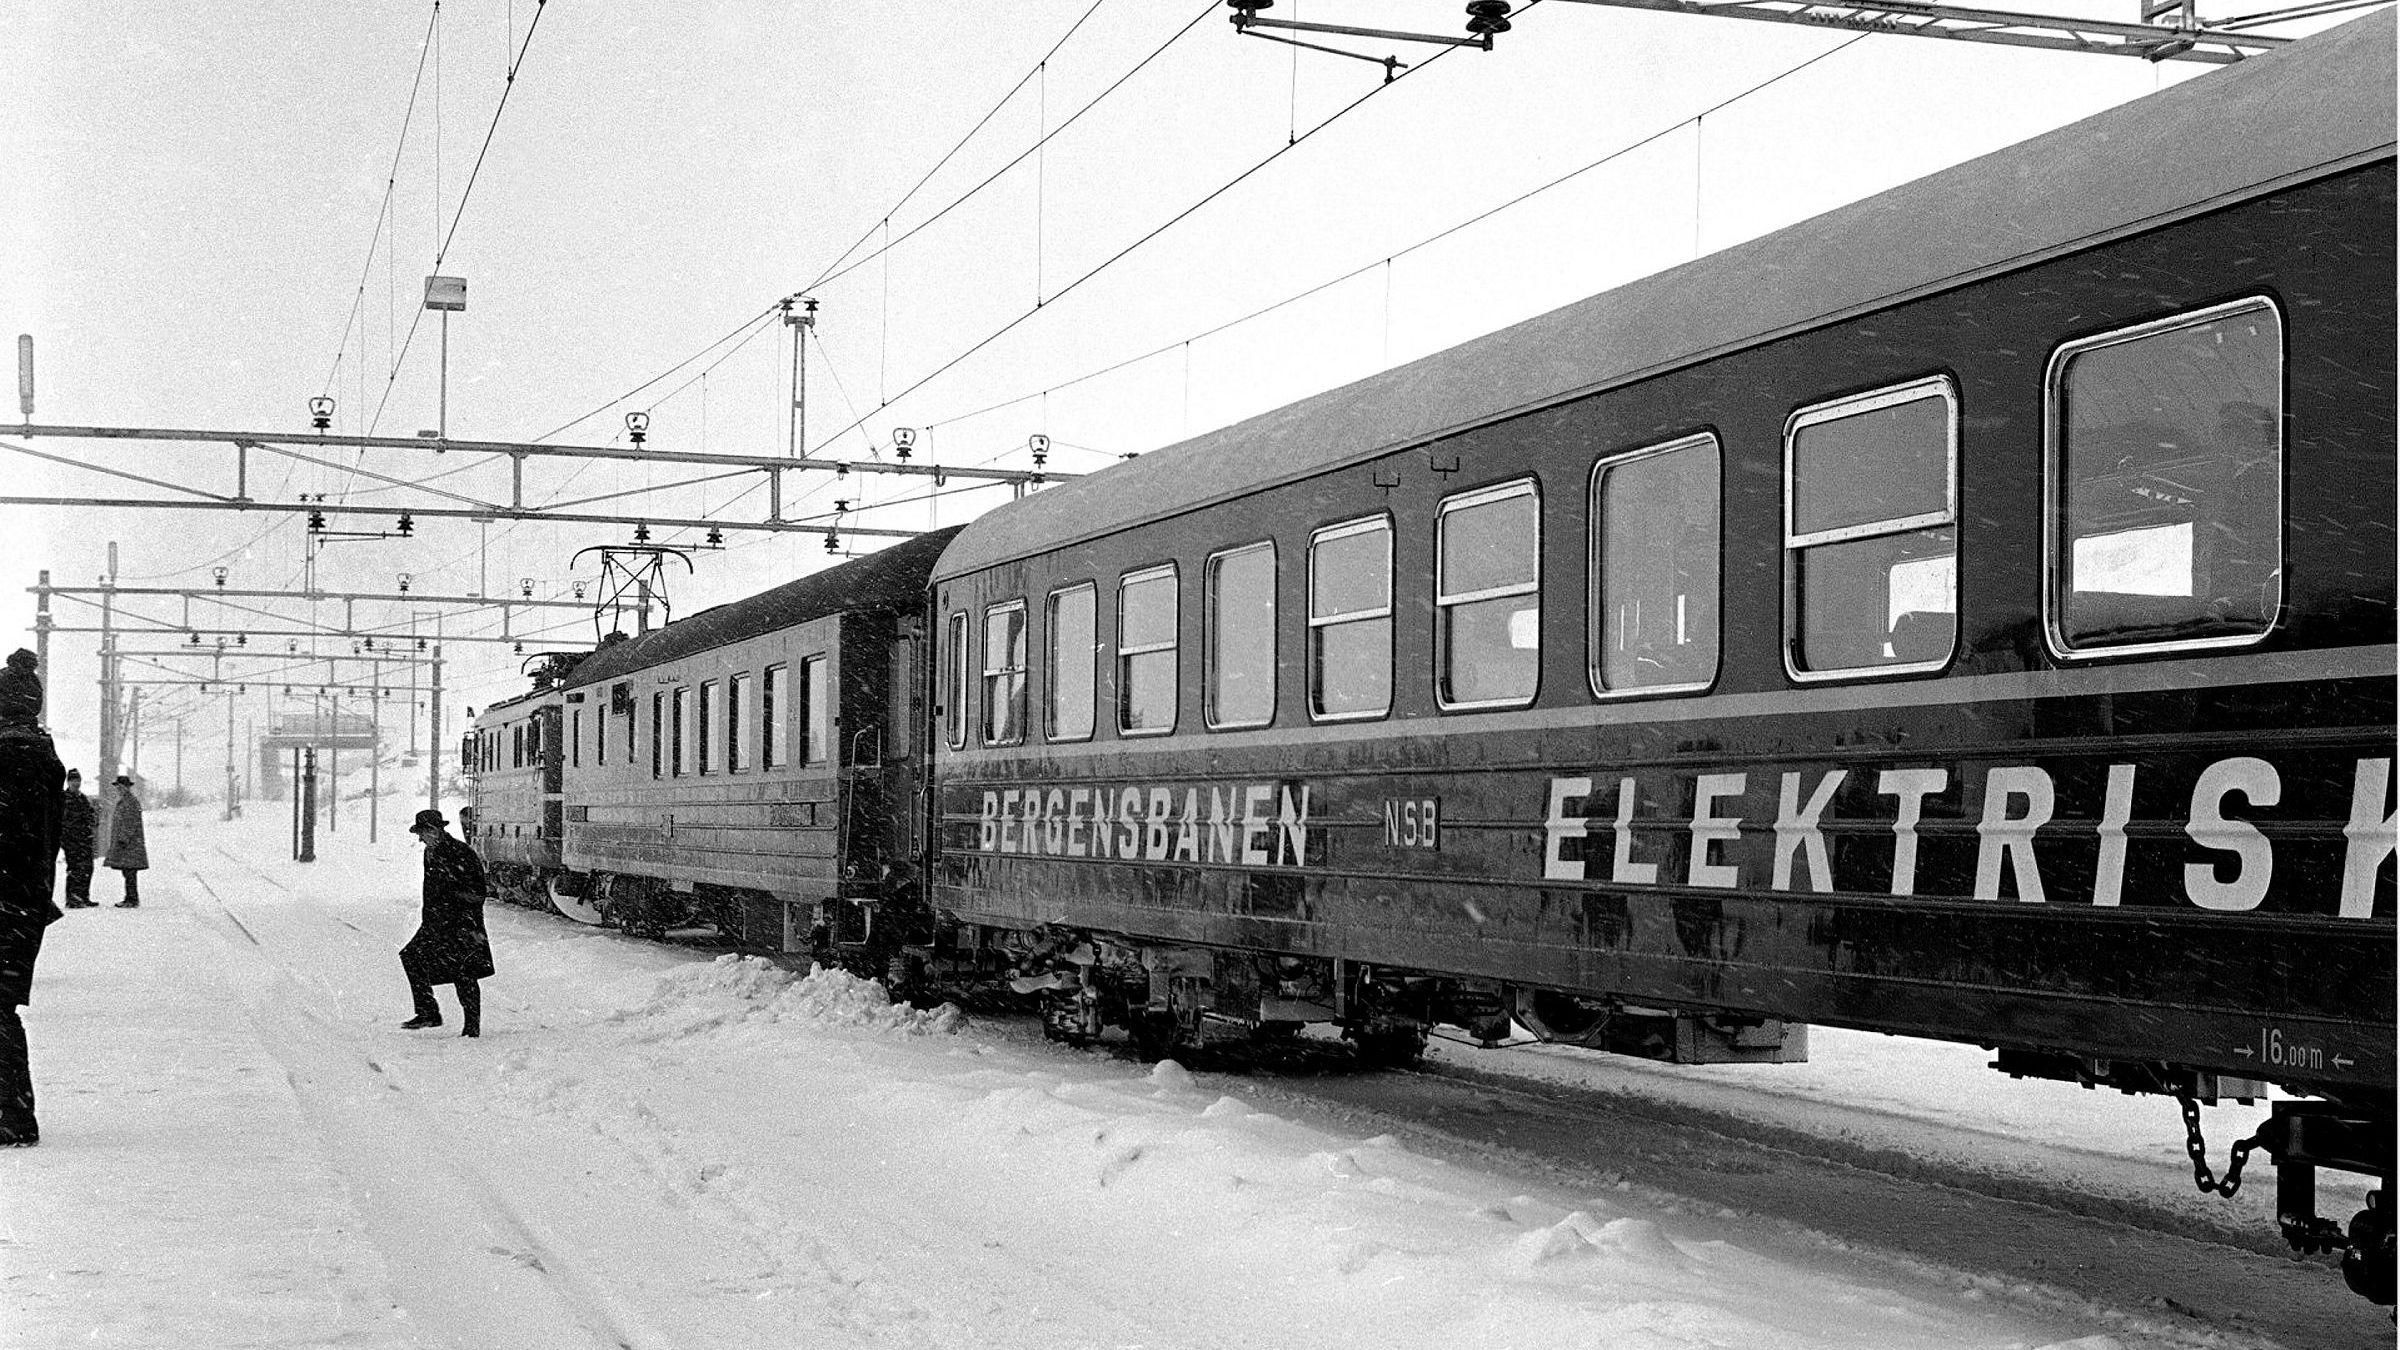 Da forrige århundre startet var jernbane den dominerende næringen på de store børsene. Hva vi skal leve av etter oljen vil etter hvert synes på børsene, skriver artikkelforfatter. Herer det første elektriske toget som kjørte distansen Oslo / Bergen.